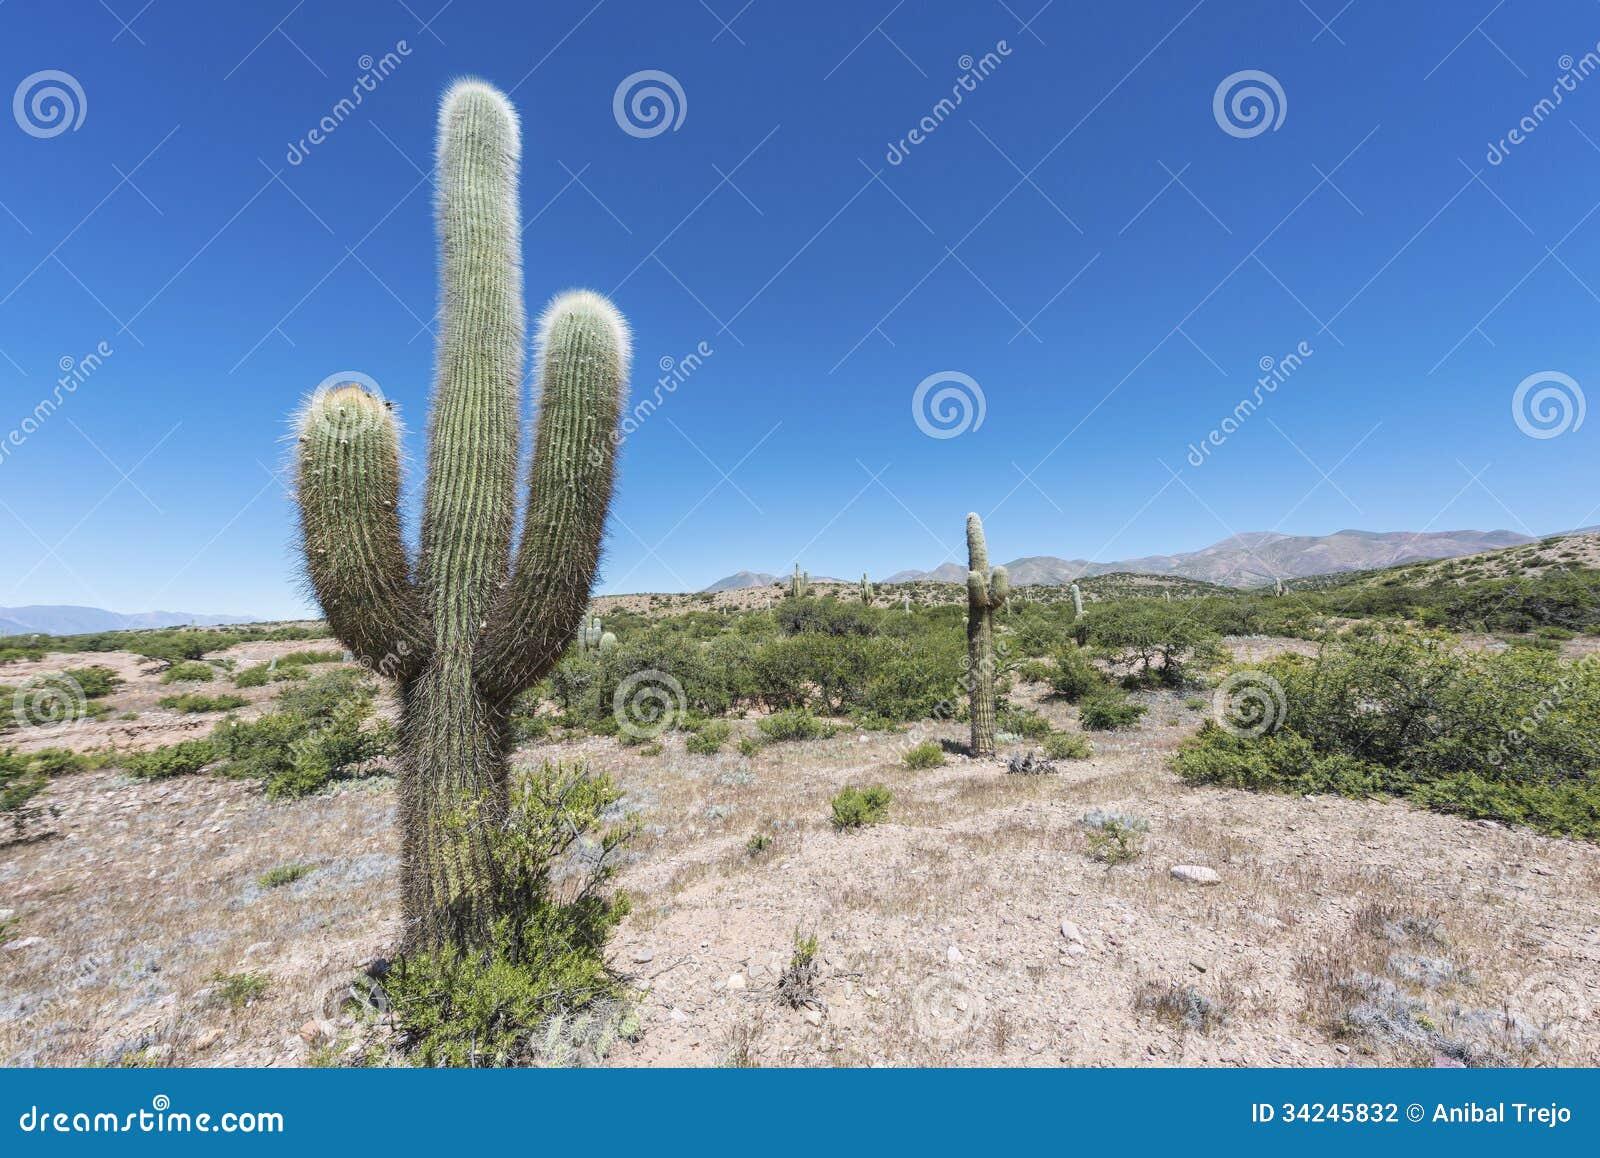 Cactus quebrada de humahuaca in jujuy argentina stock for Cactus argentina